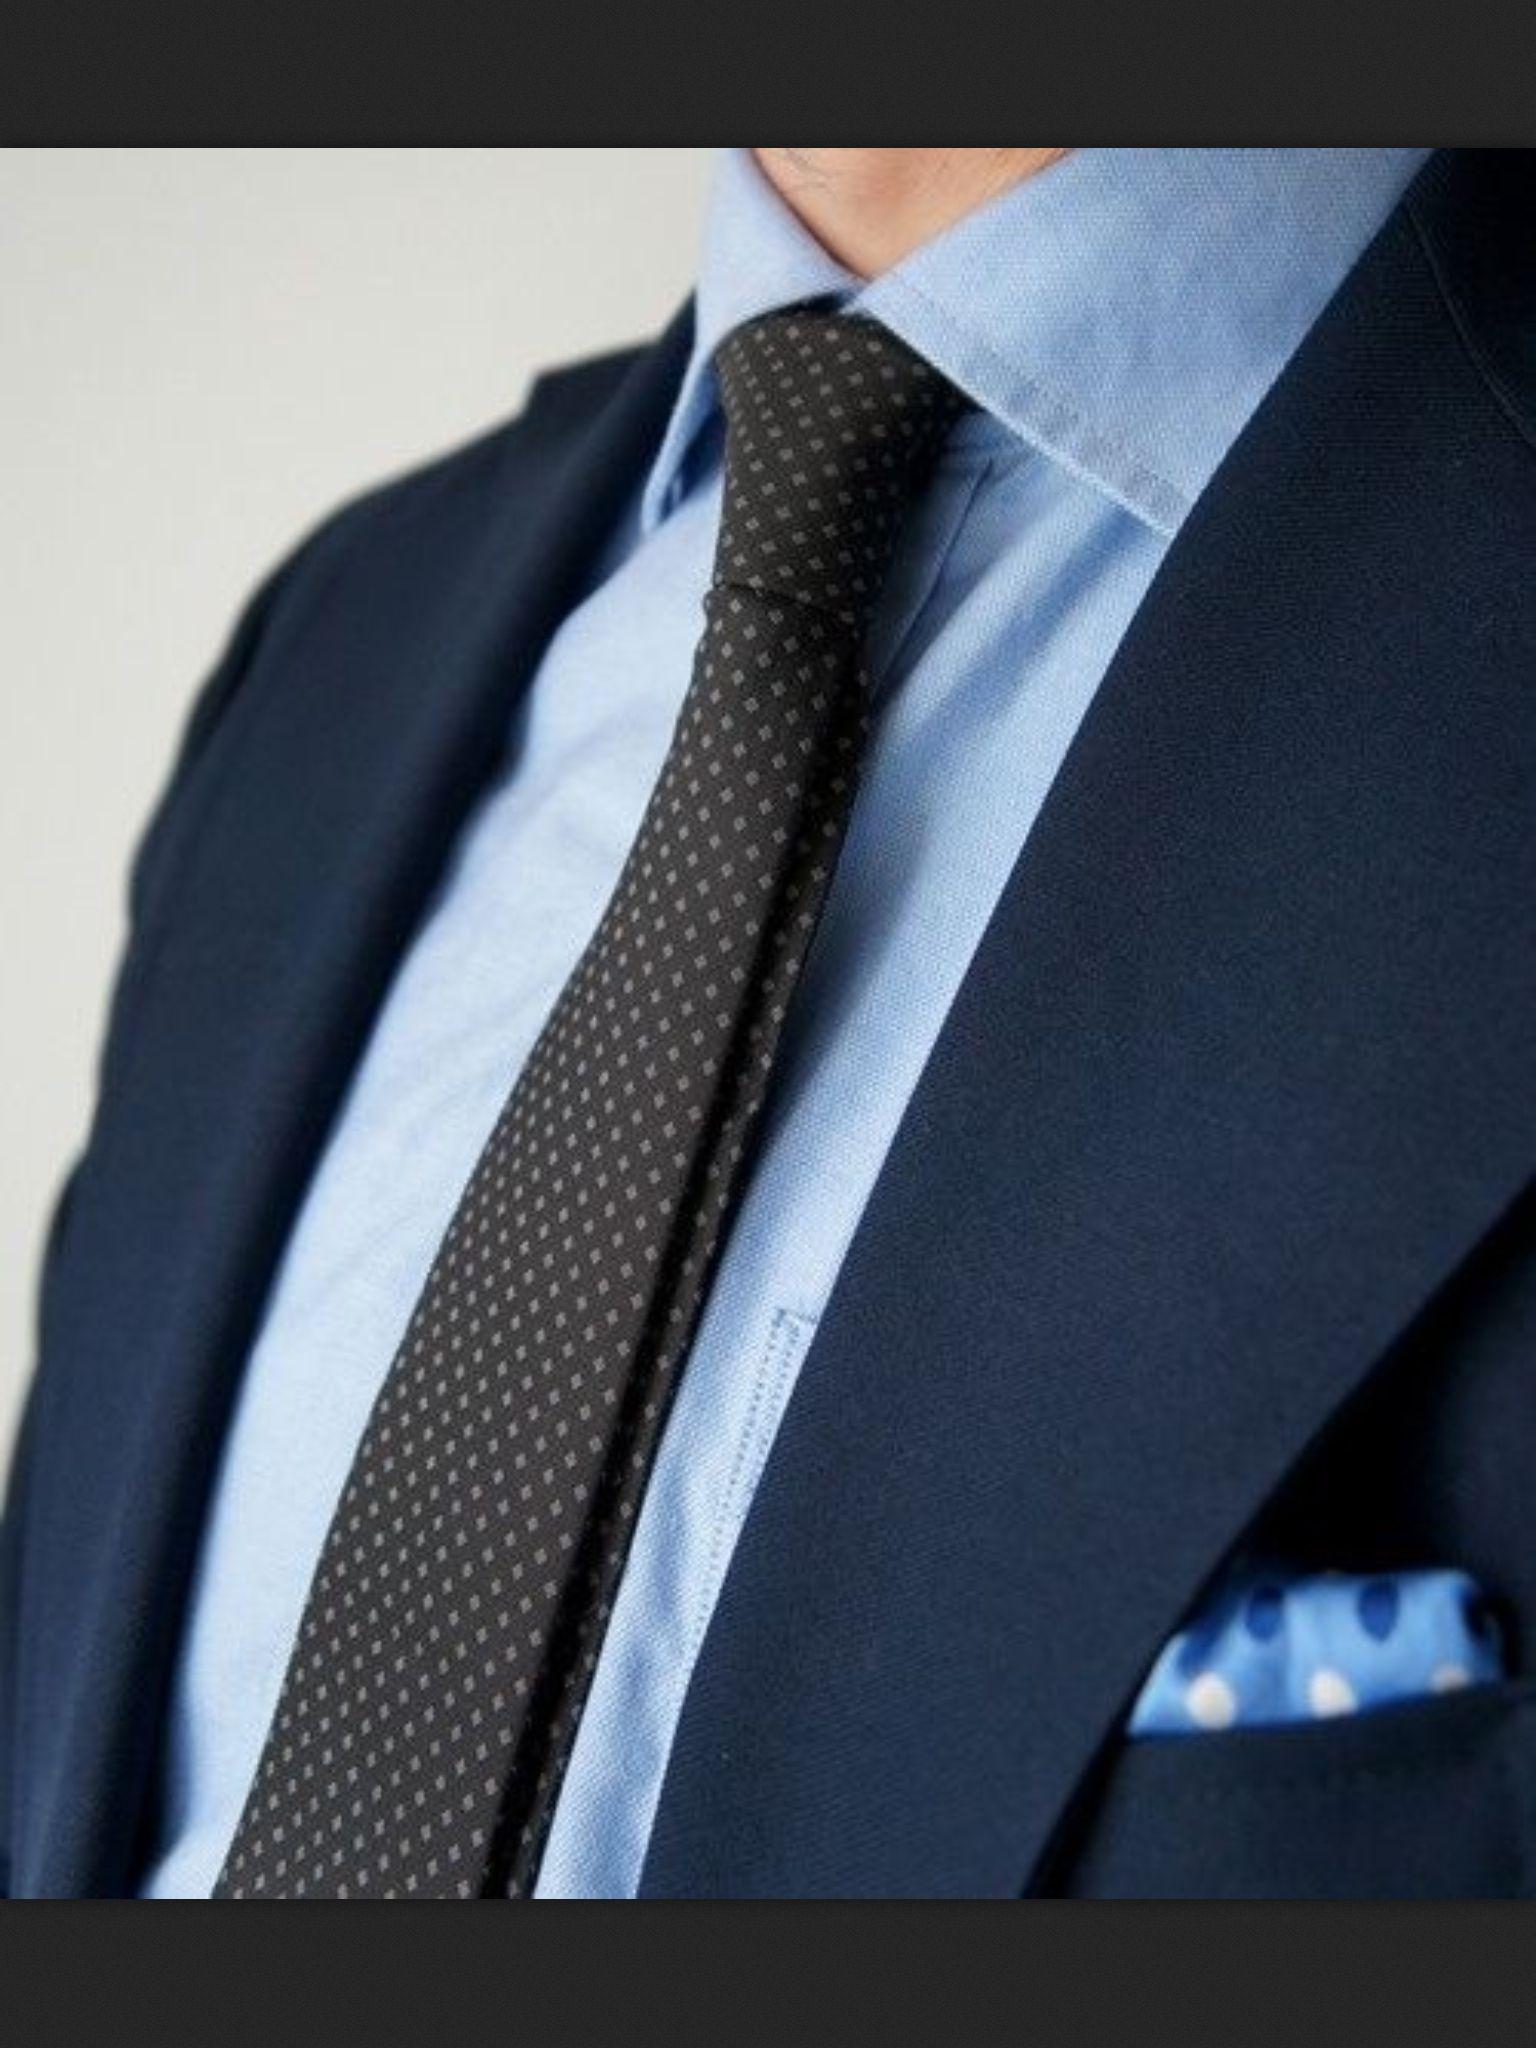 Cravate - Tissage Oxford Bleu Clair, Pois Bleu Foncé Encoche